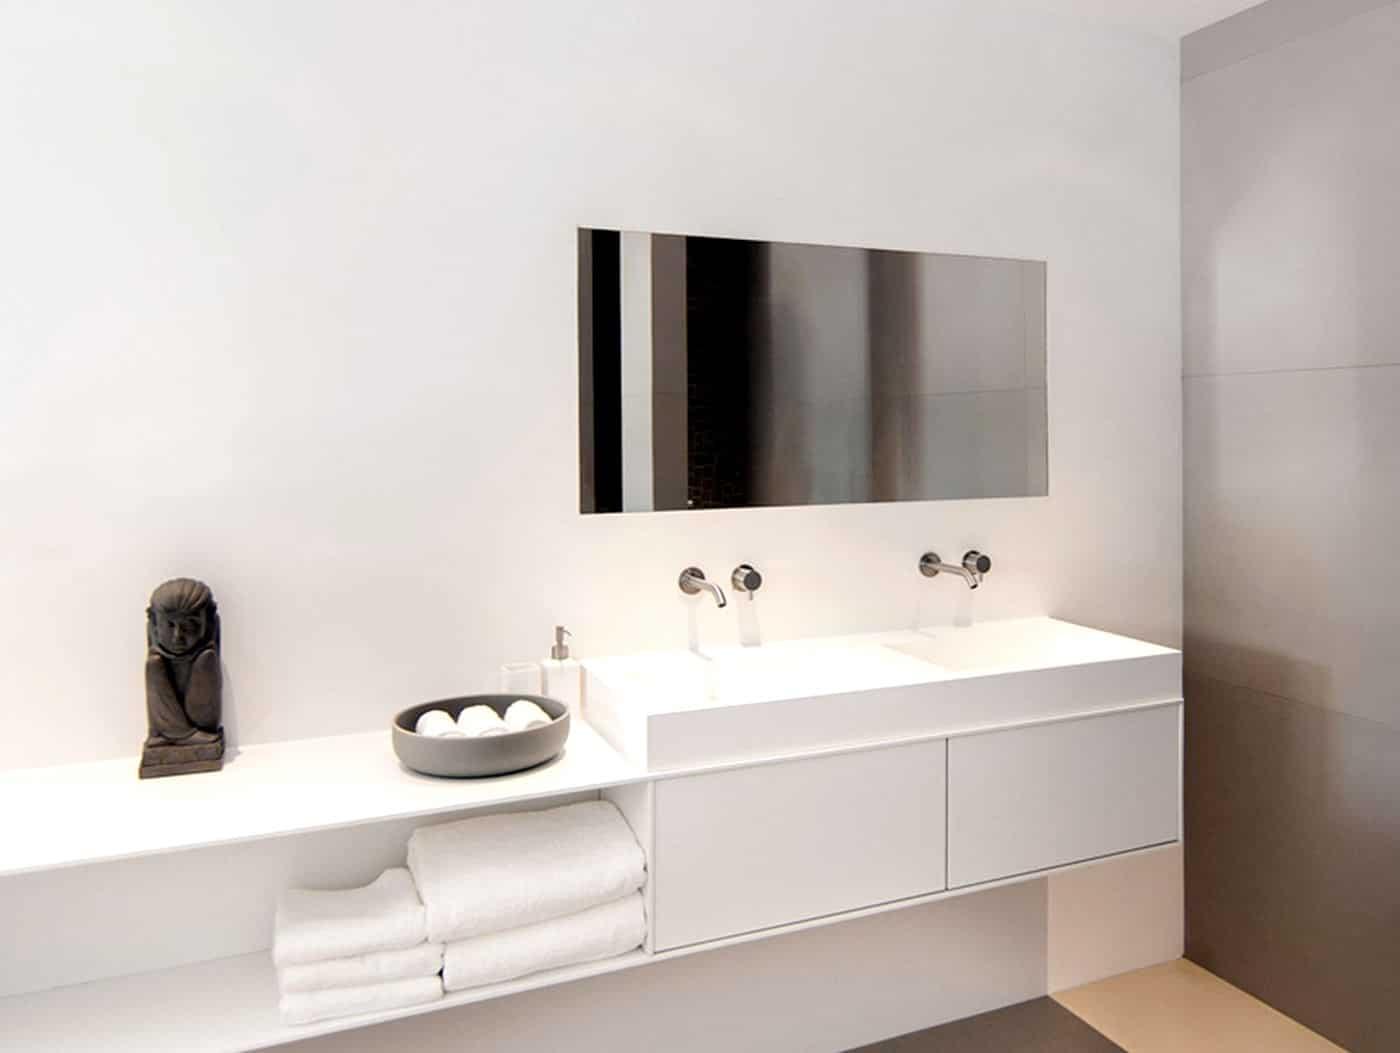 cocoon_minimalist_bathroom_corian_wash_basin_modern_taps_designer